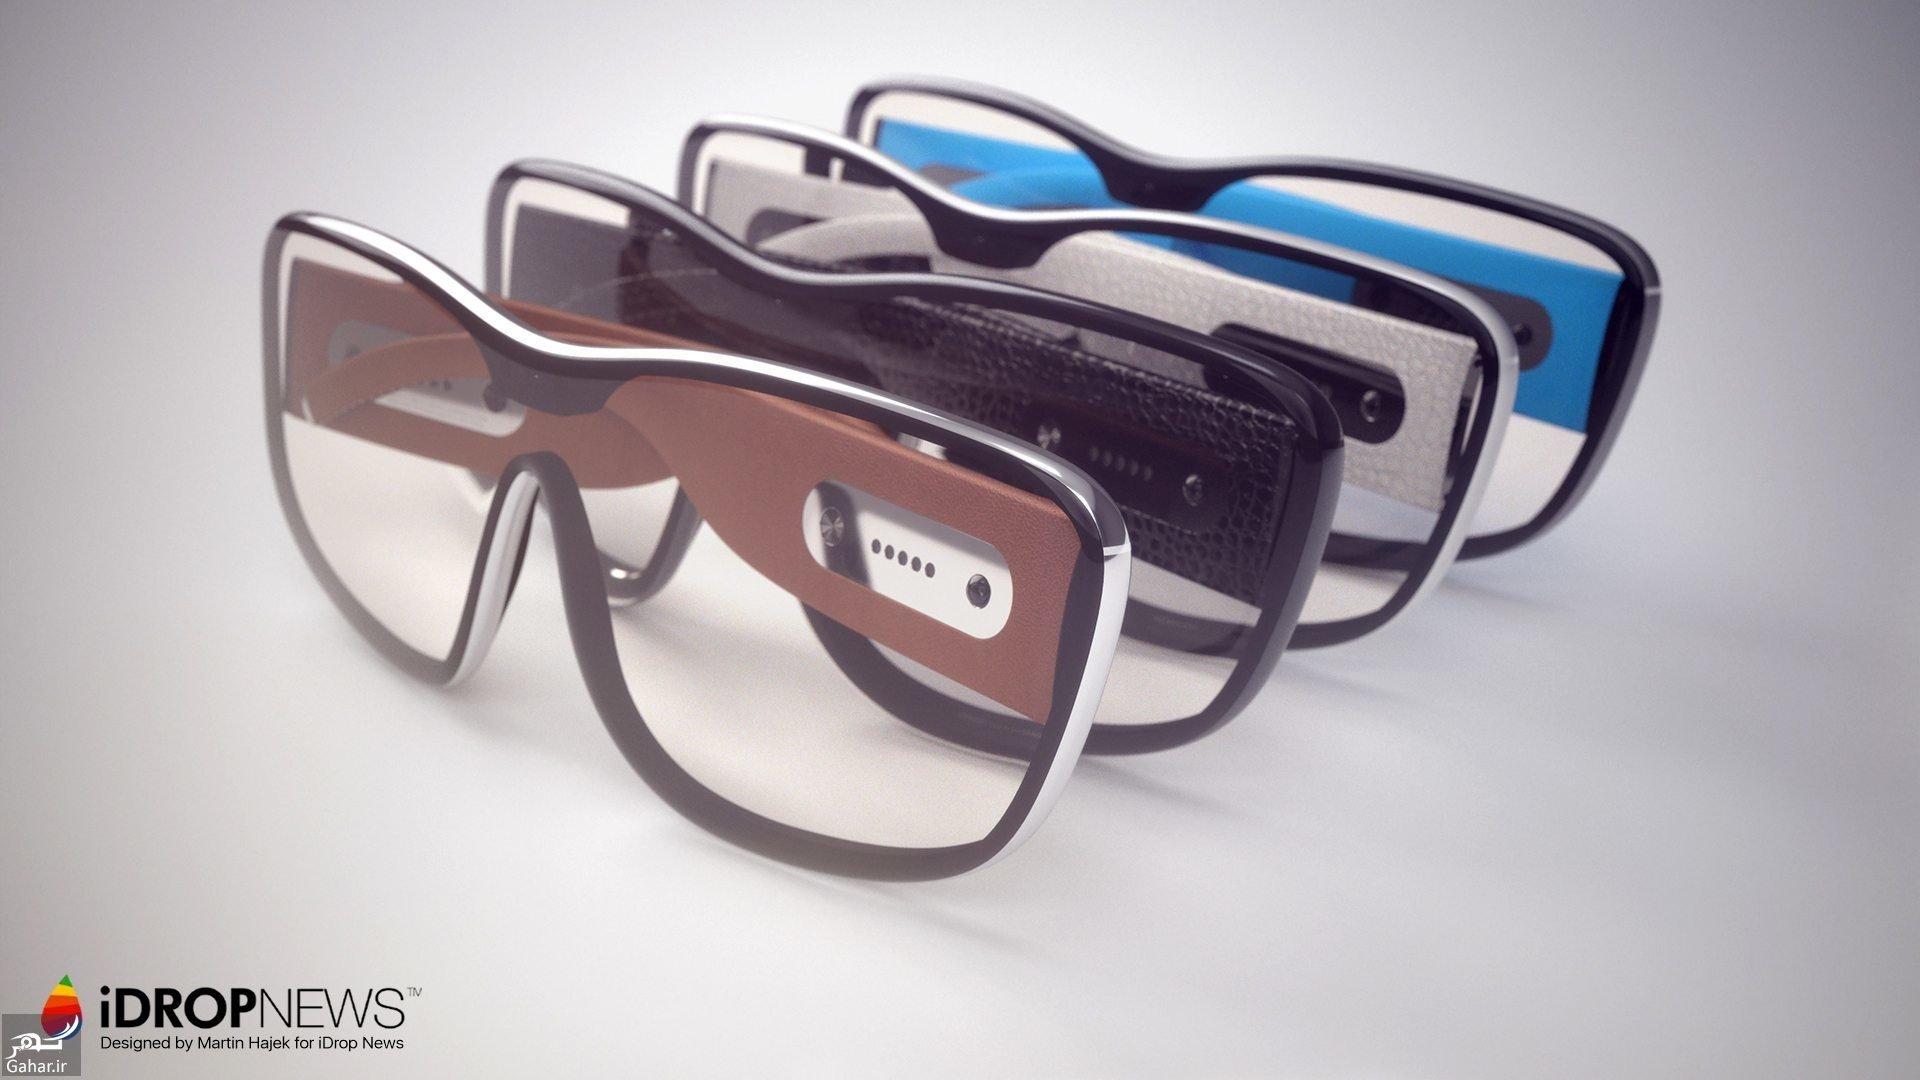 9611 48t3619 رونمایی از عینک هوشمند اپل + عکس